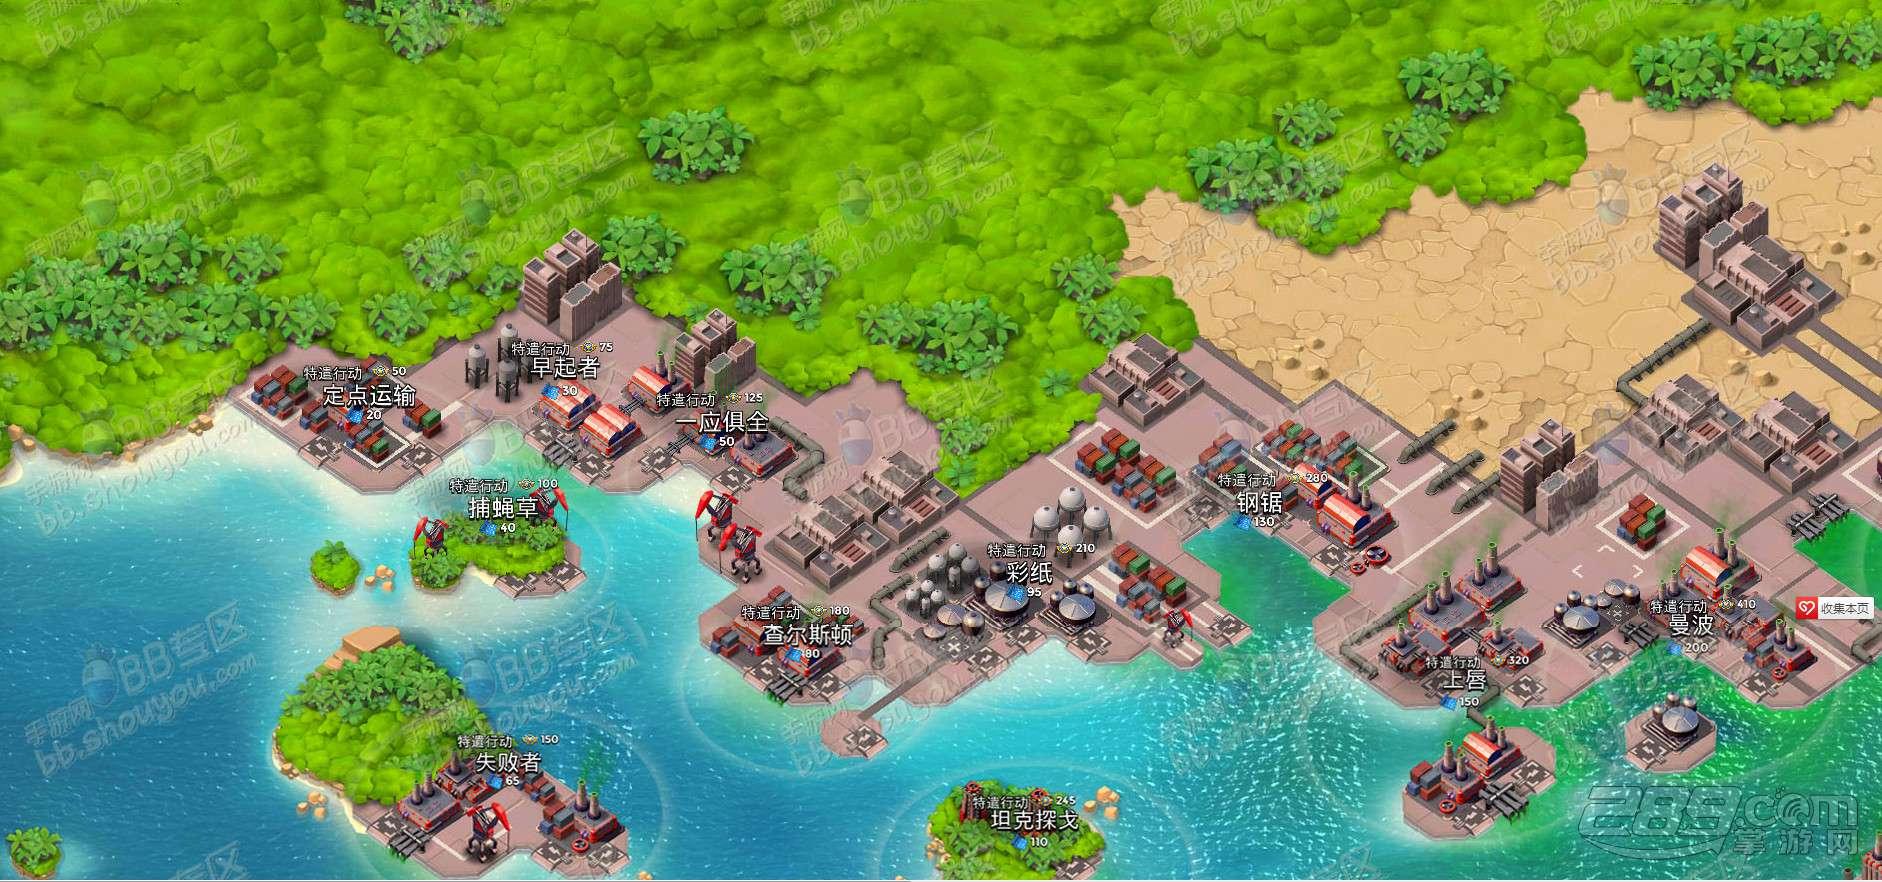 《海岛奇兵》特遣队能量基地大地